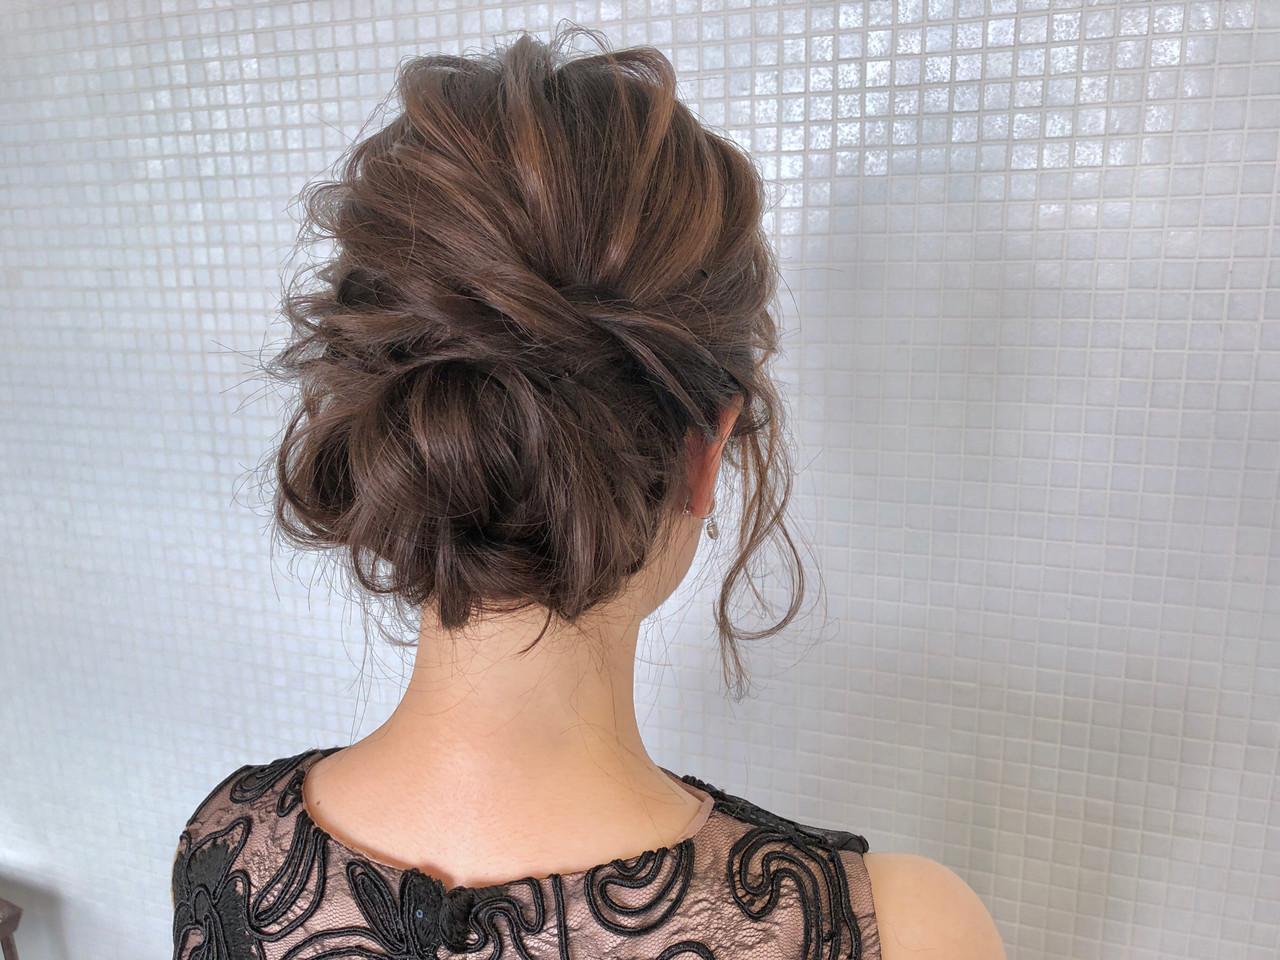 結婚式 上品 ロング エレガント ヘアスタイルや髪型の写真・画像